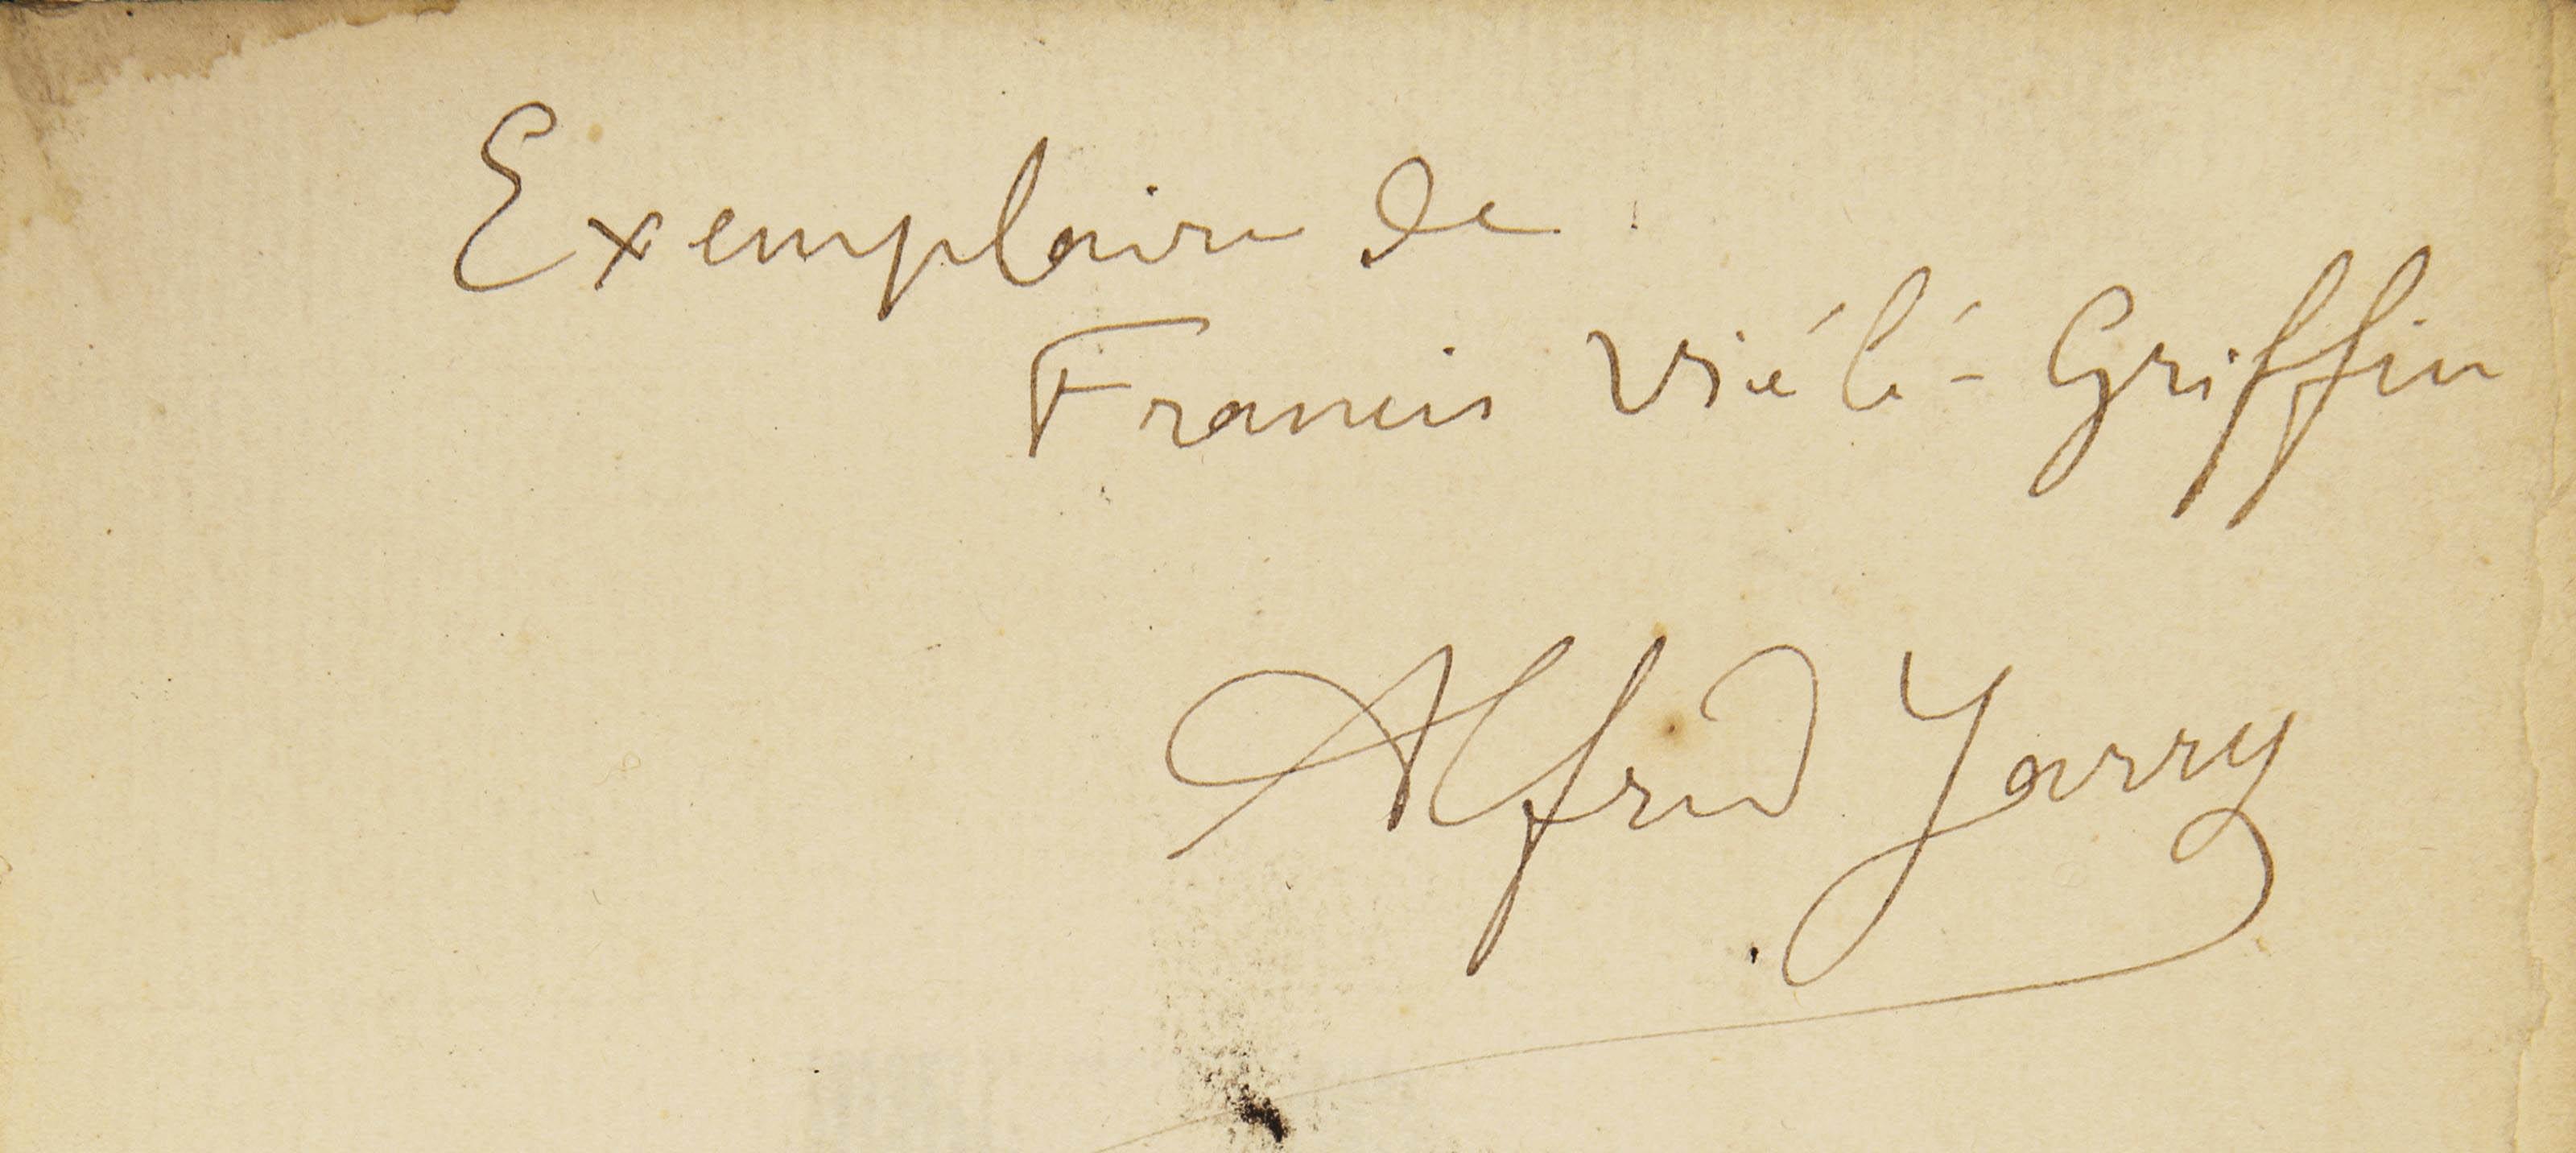 JARRY, Alfred (1873-1907). Les Minutes de sable. Mémorial. Paris: C. Renaudie pour le Mercure de France, 1894.